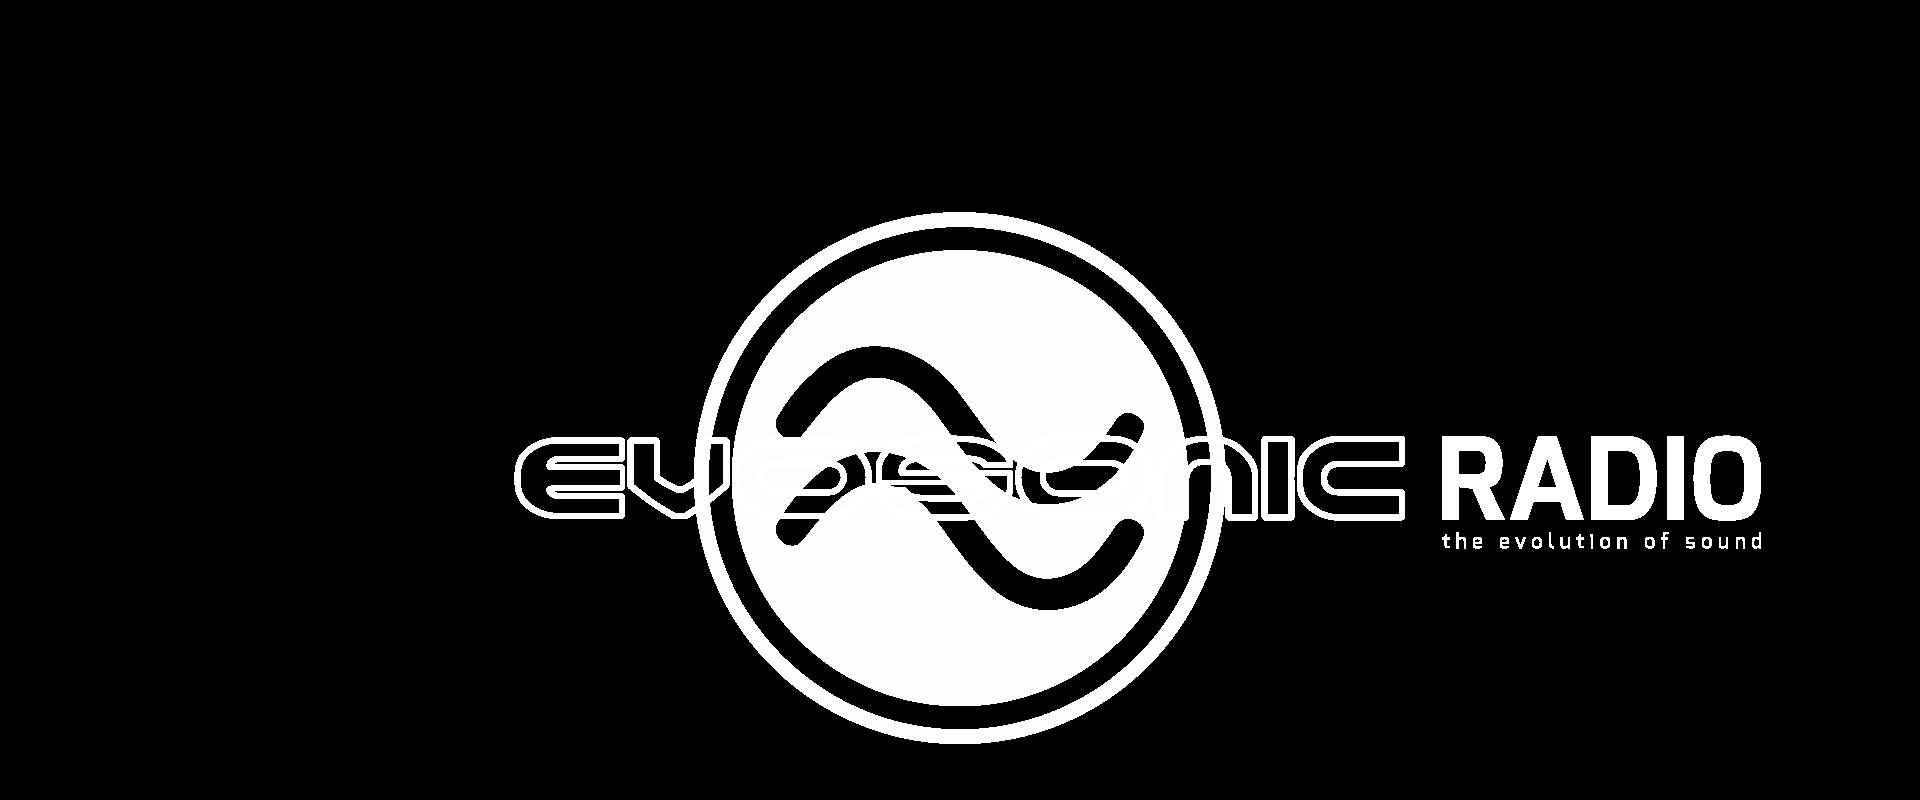 EVOSINIC RADIO